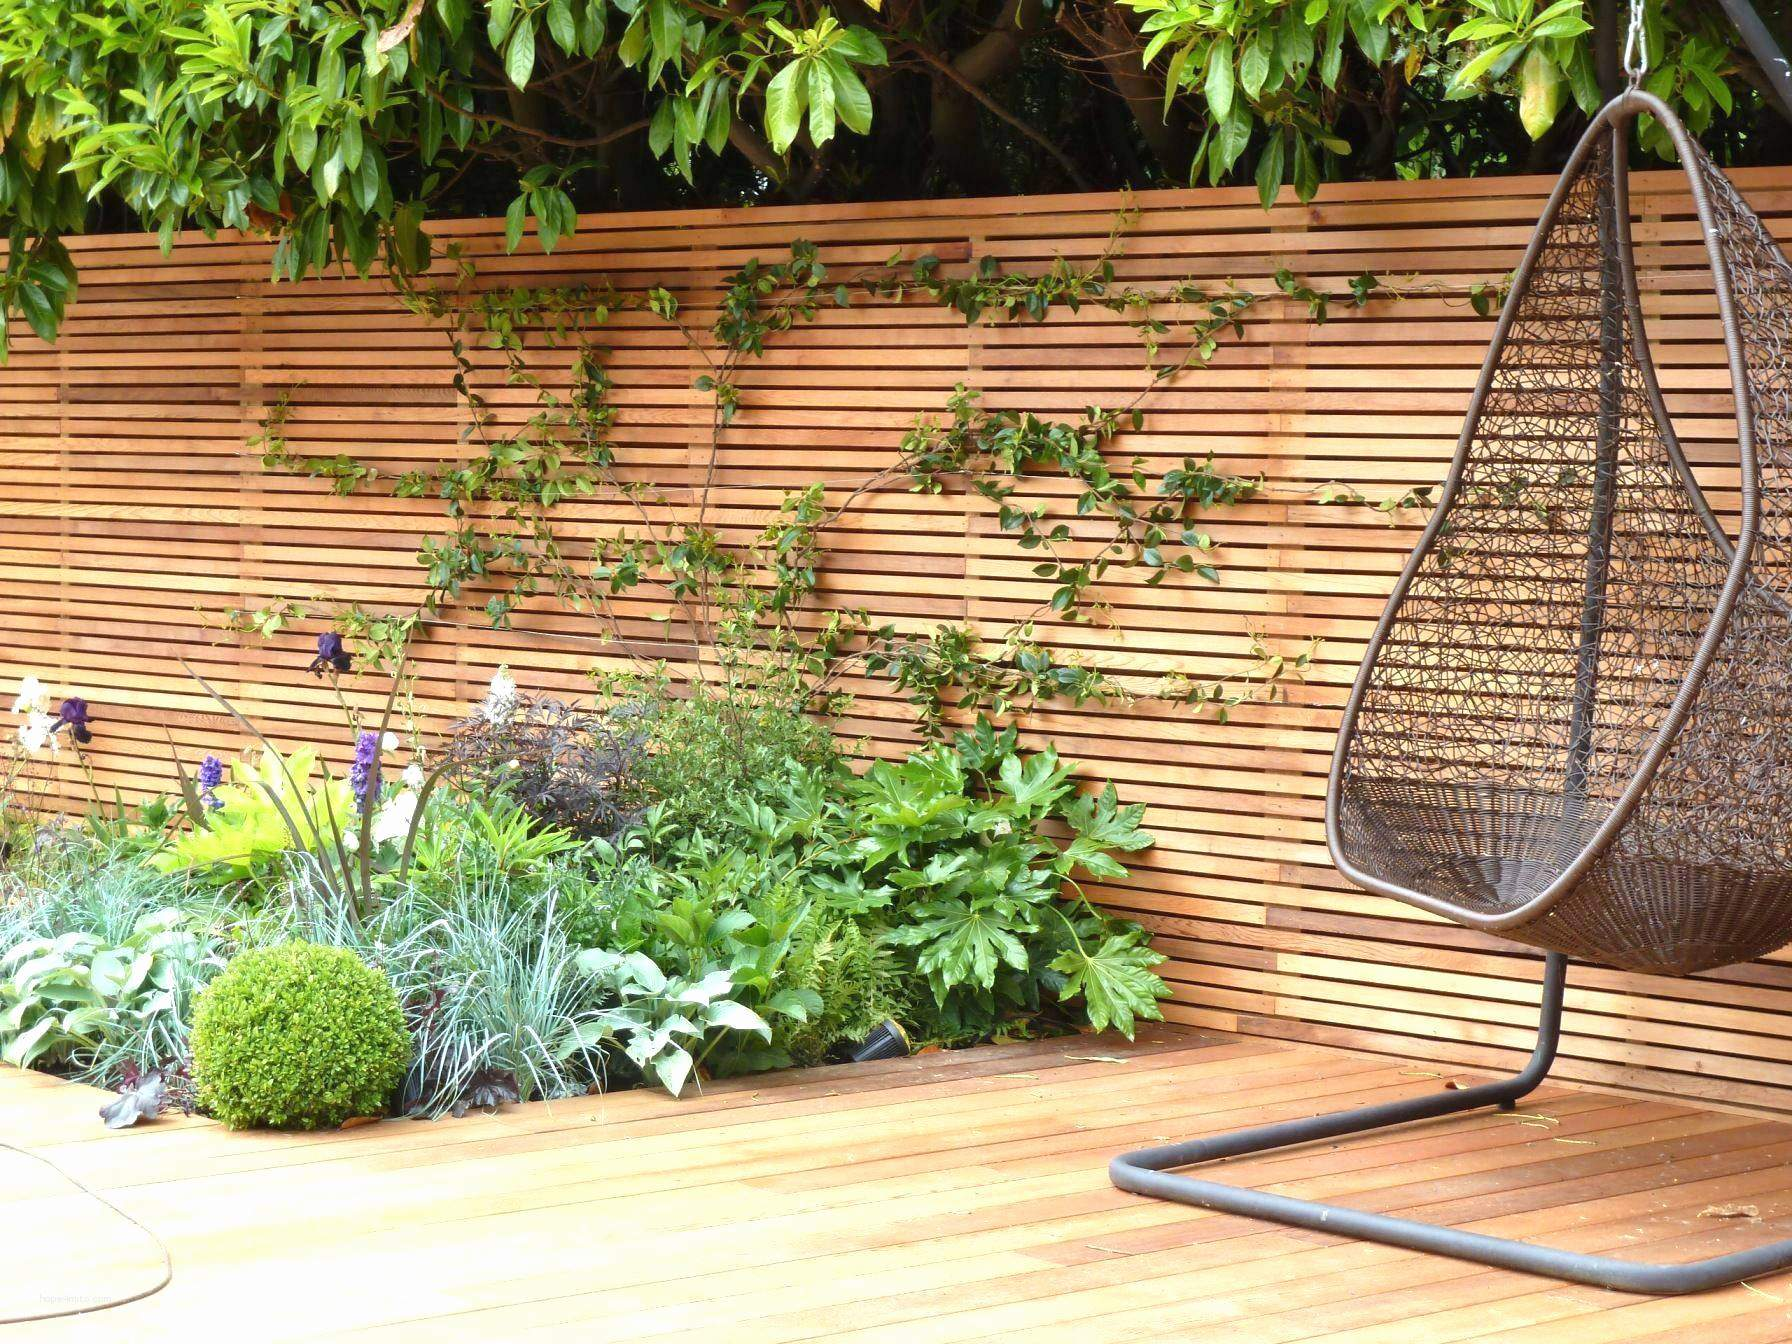 garten terrassen ideen elegant 71 luxus garten sichtschutz ideen of garten terrassen ideen